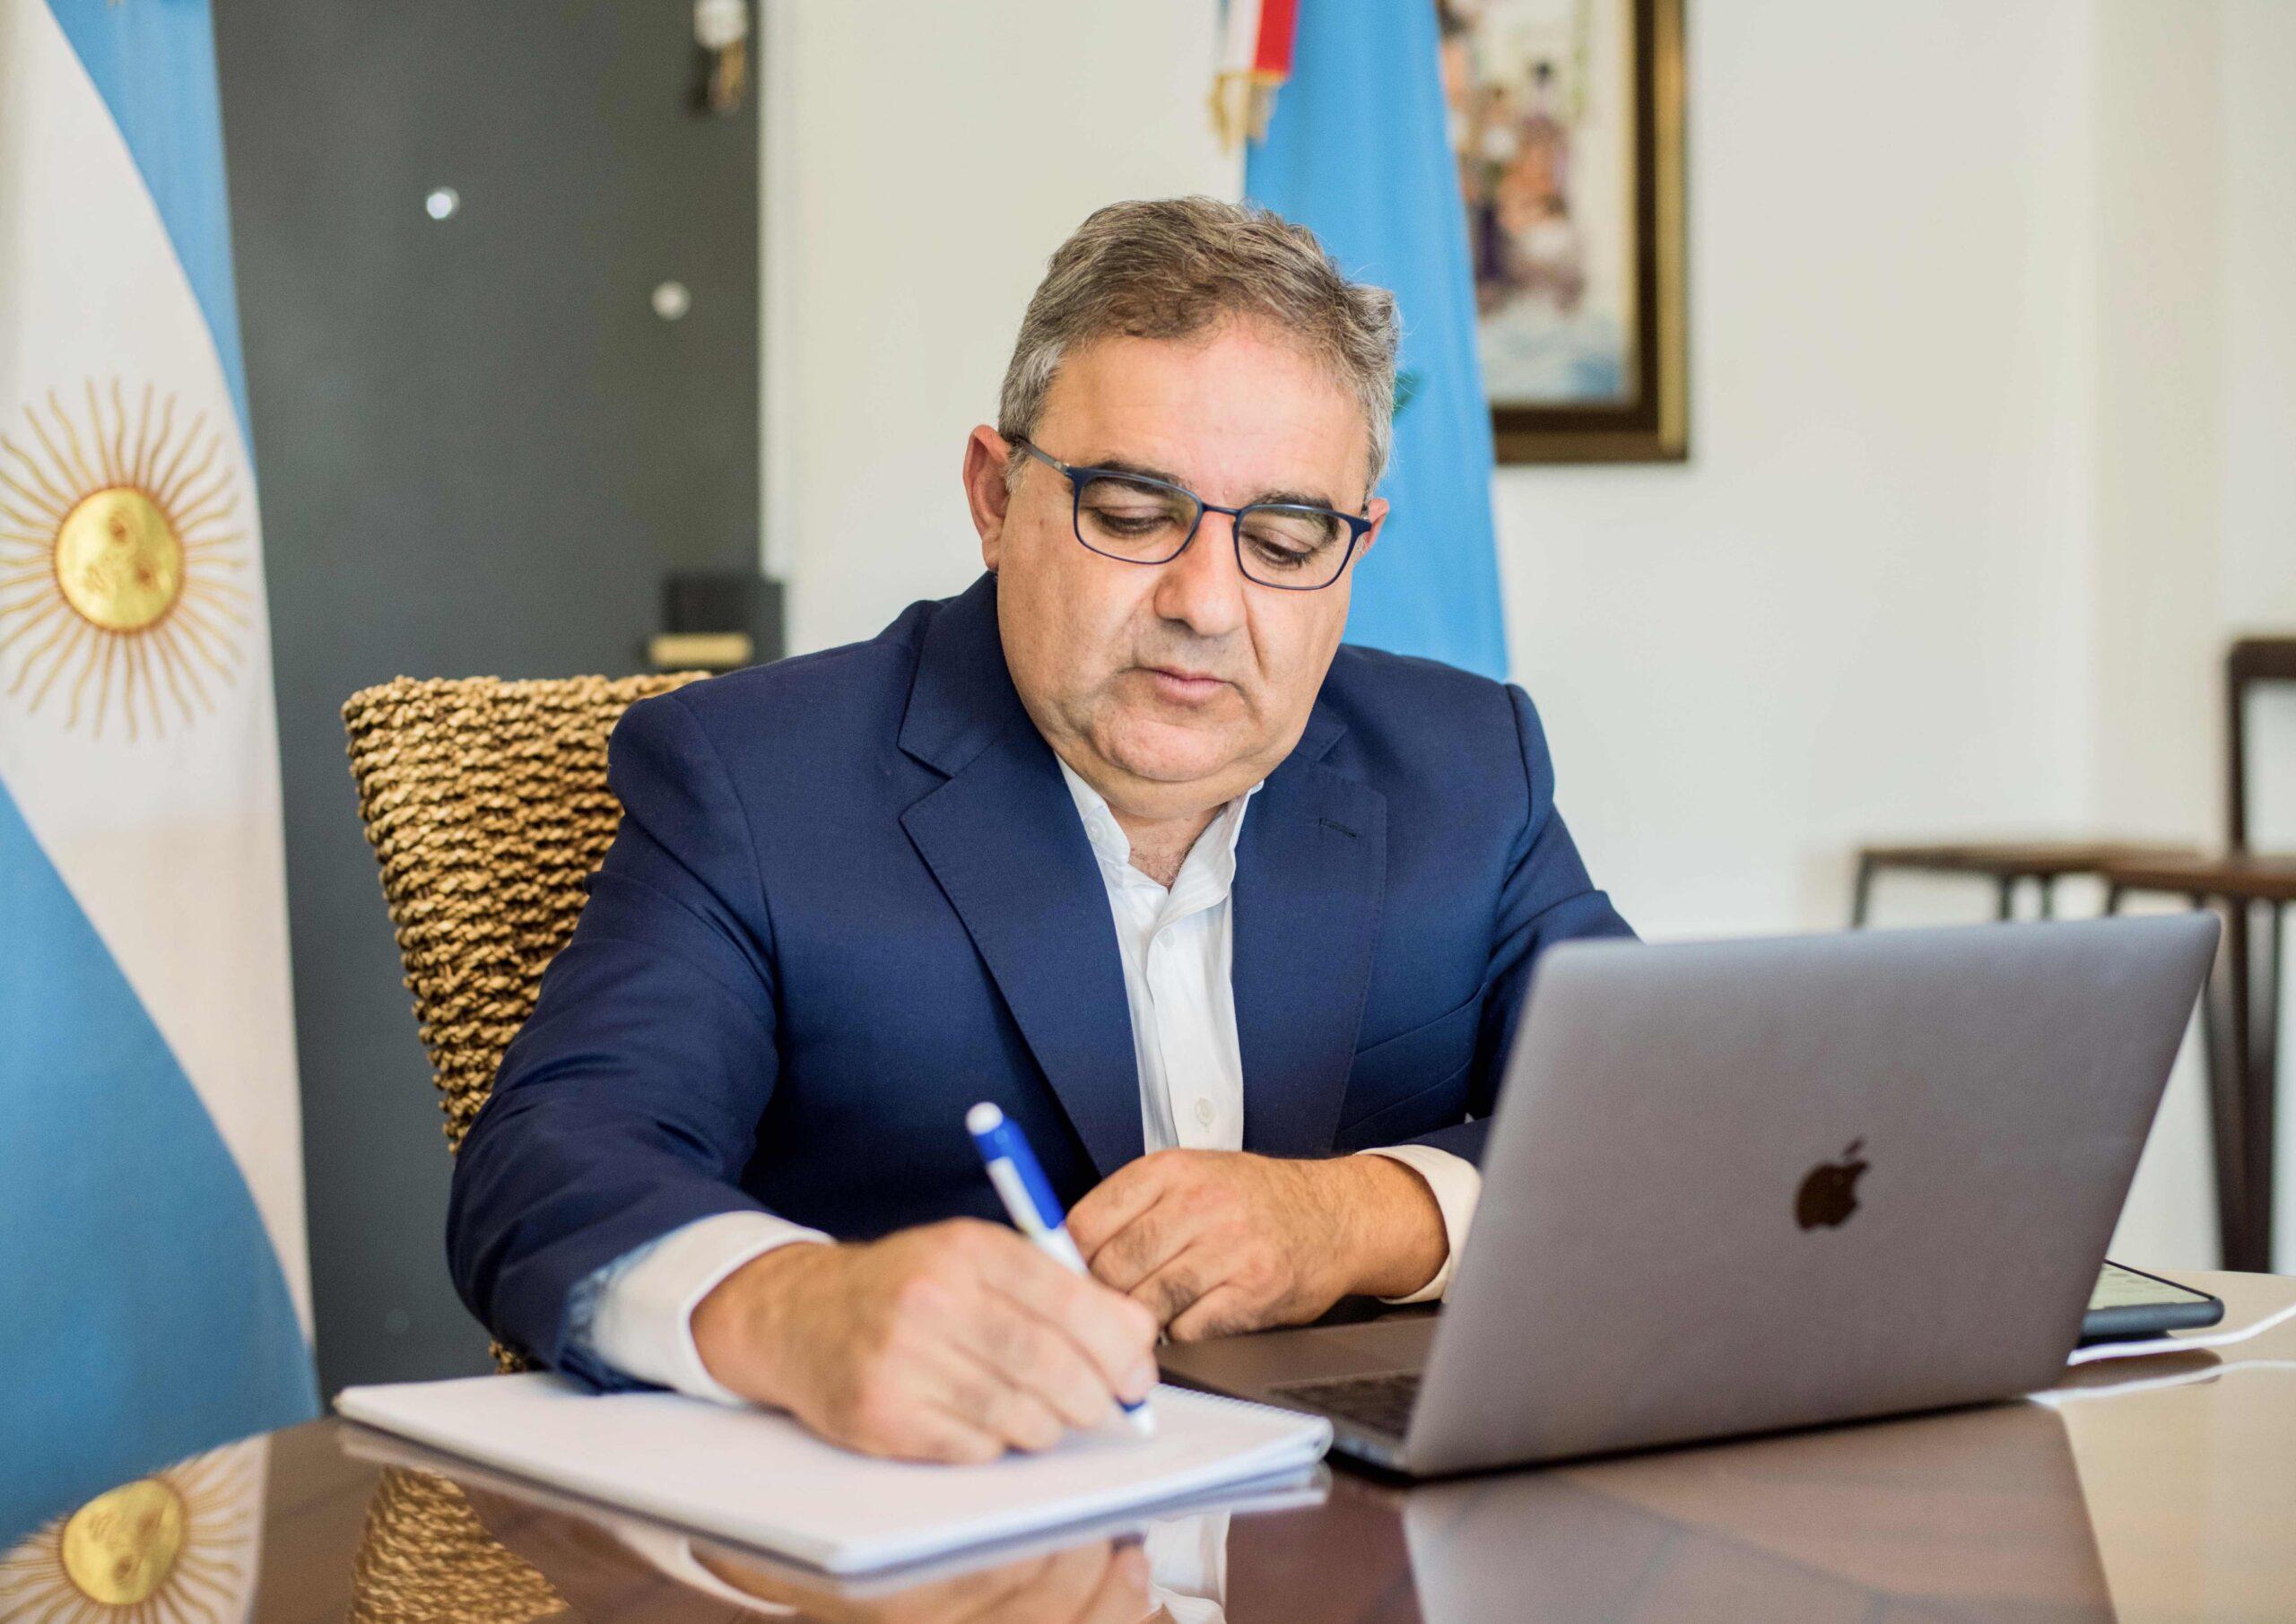 """Jalil anunció """"restricciones"""" para personas que no se vacunen voluntariamente en Catamarca"""